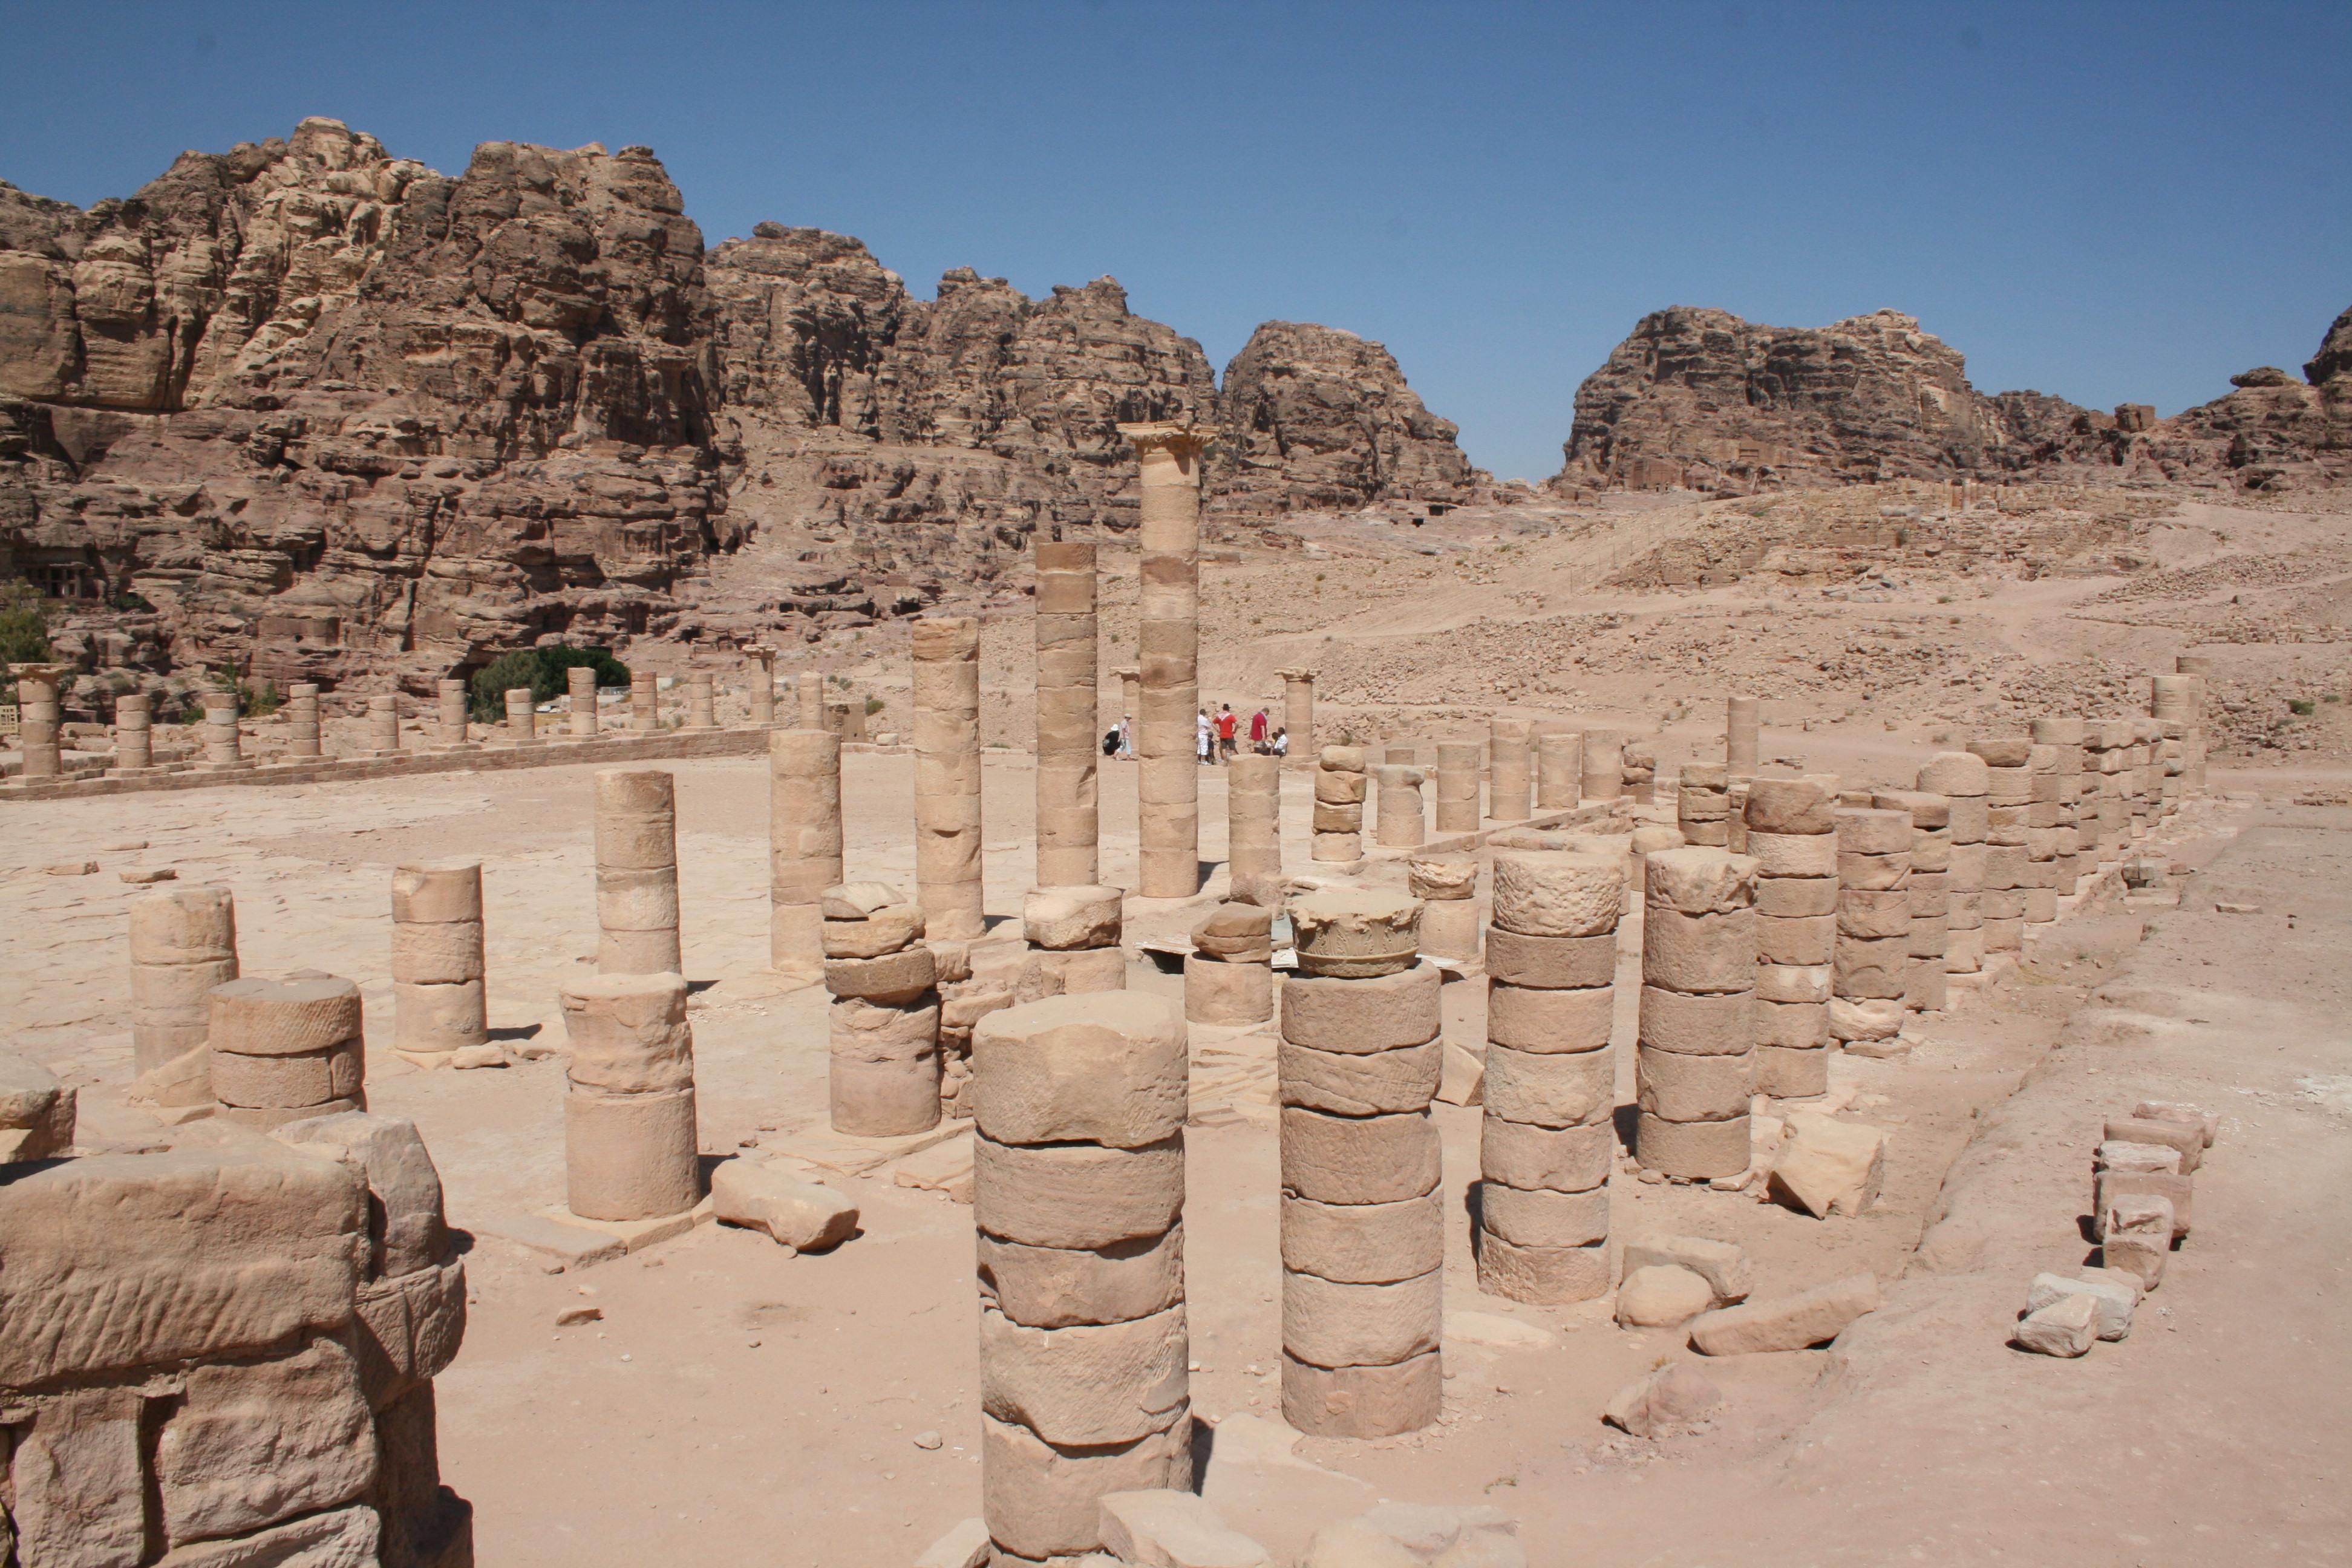 reebok kamikaze 3 pas cher - Petra - Wikipedia, the free encyclopedia